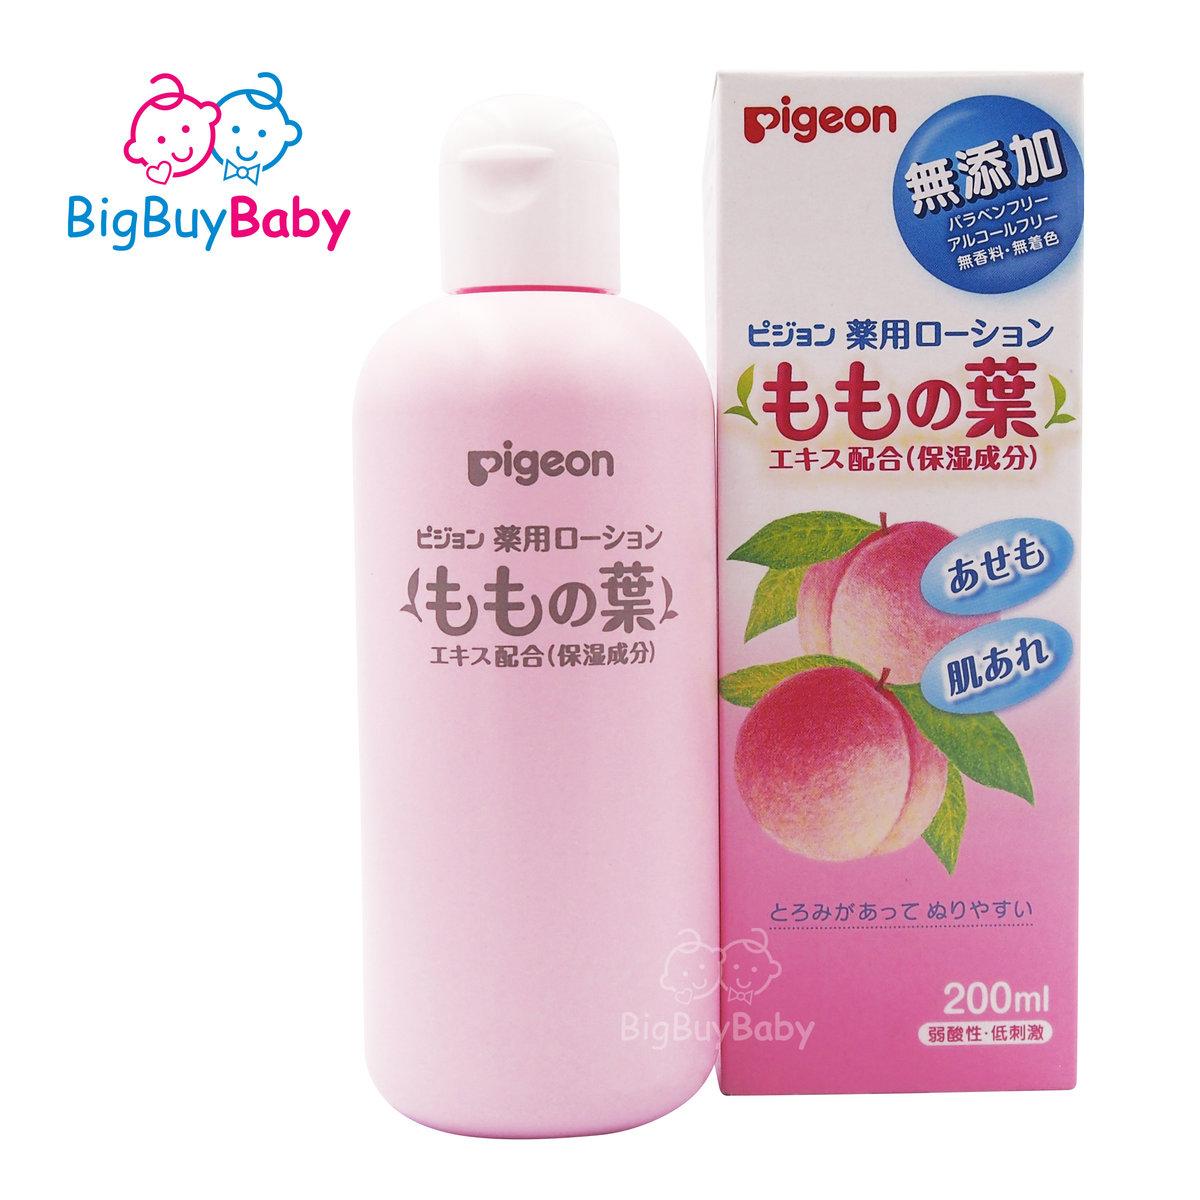 桃子水200ml